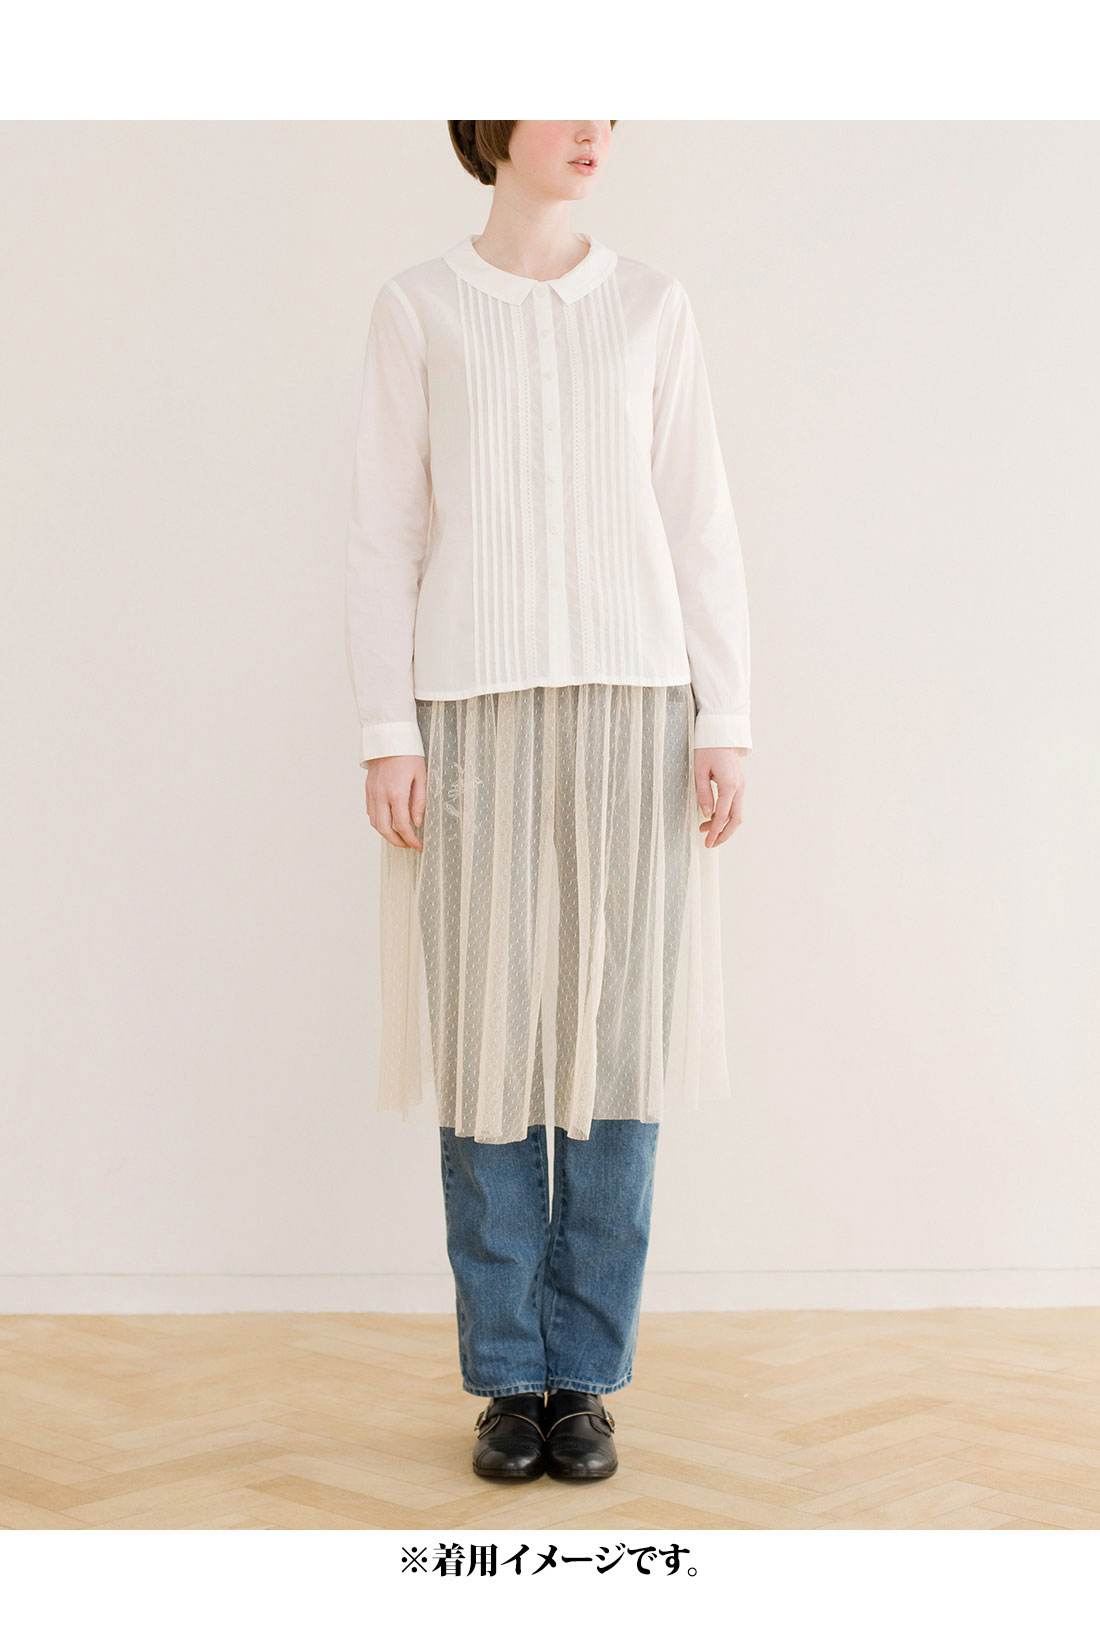 これは参考画像です。チュールのスカートをデニムに重ねてオシャレ度アップ。